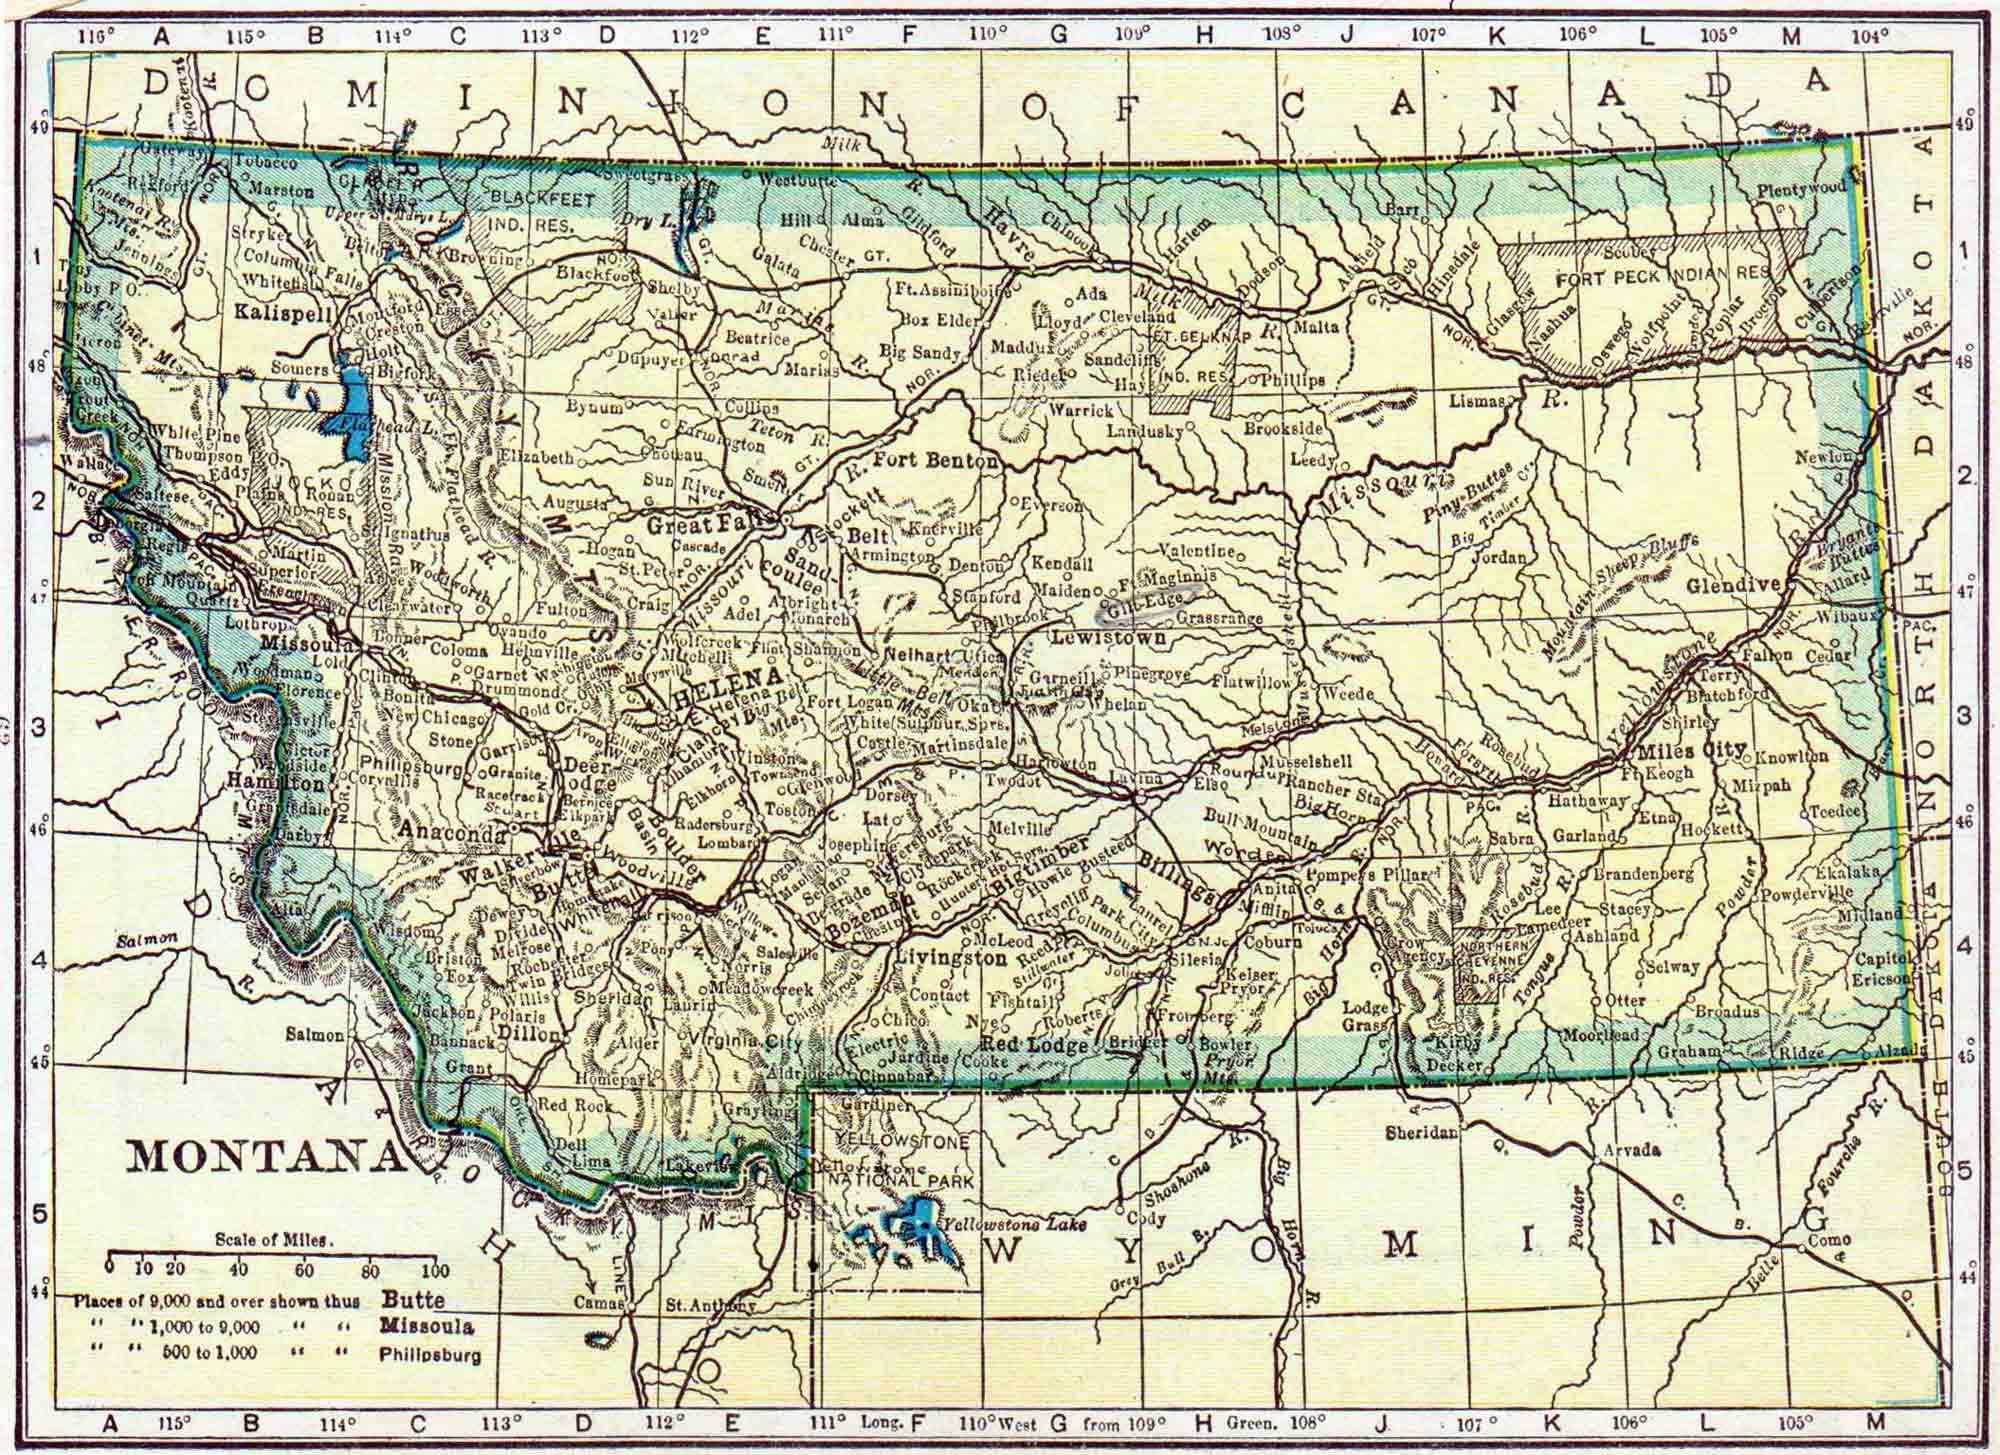 montana census map – access genealogy -  montana census map